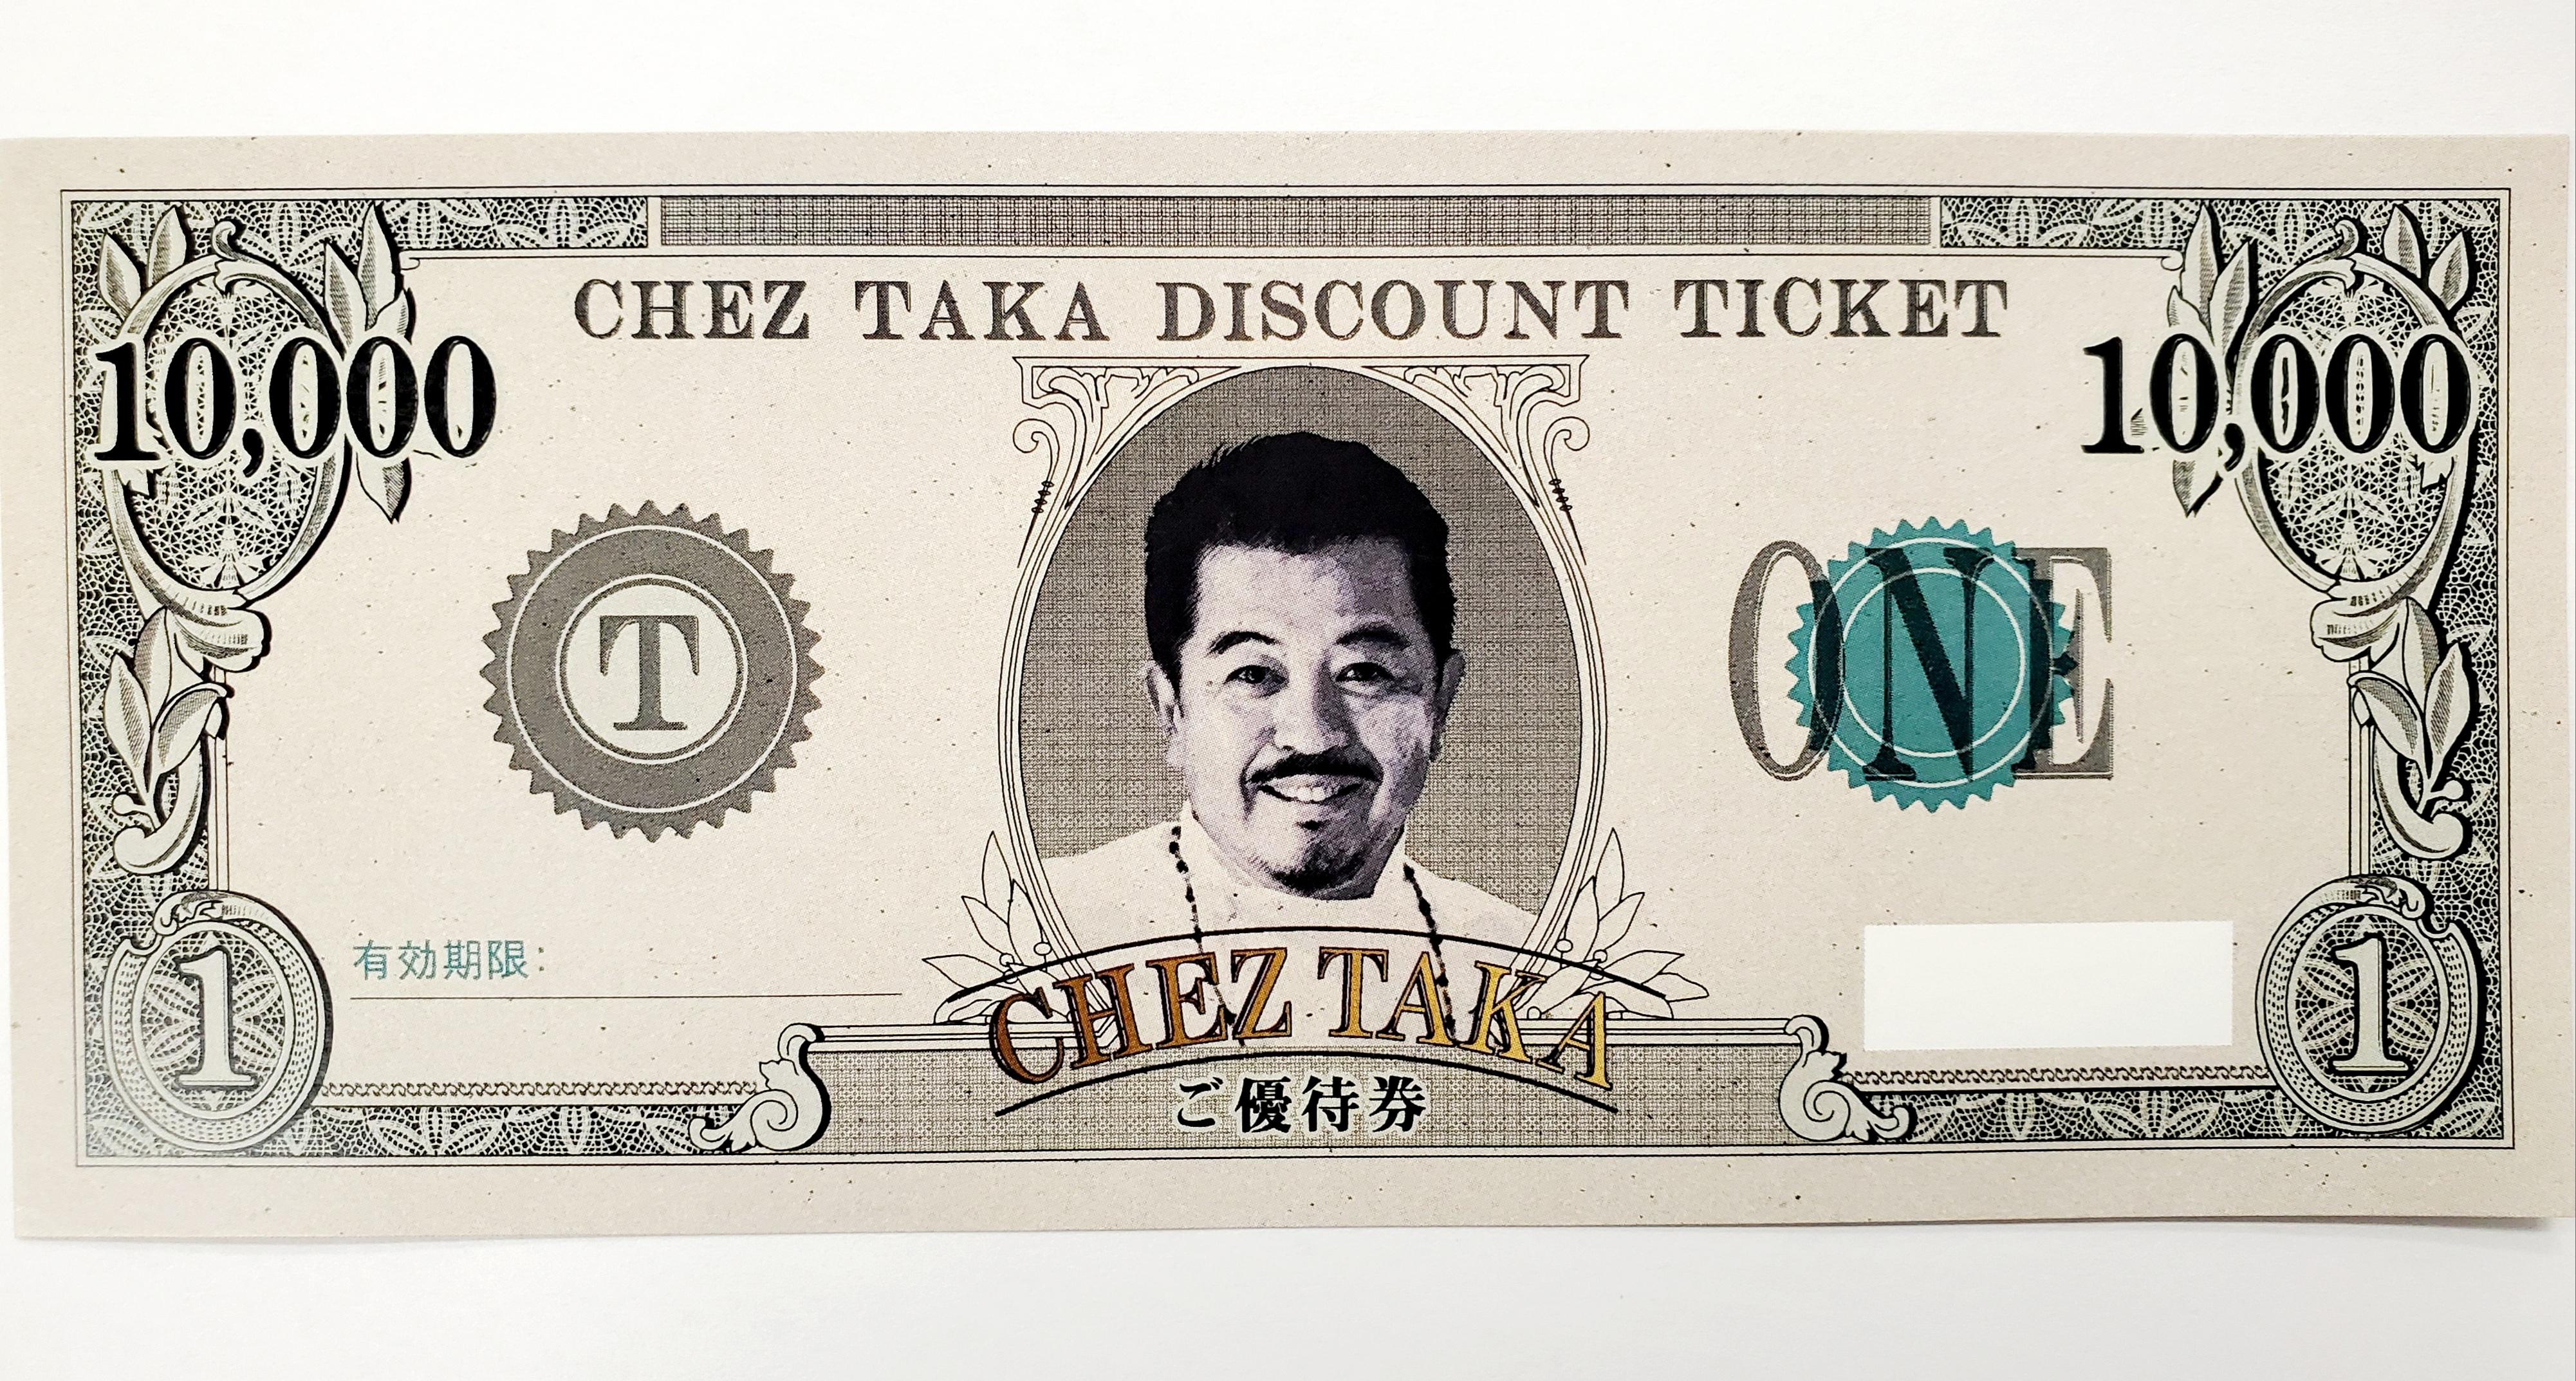 1万円チケット